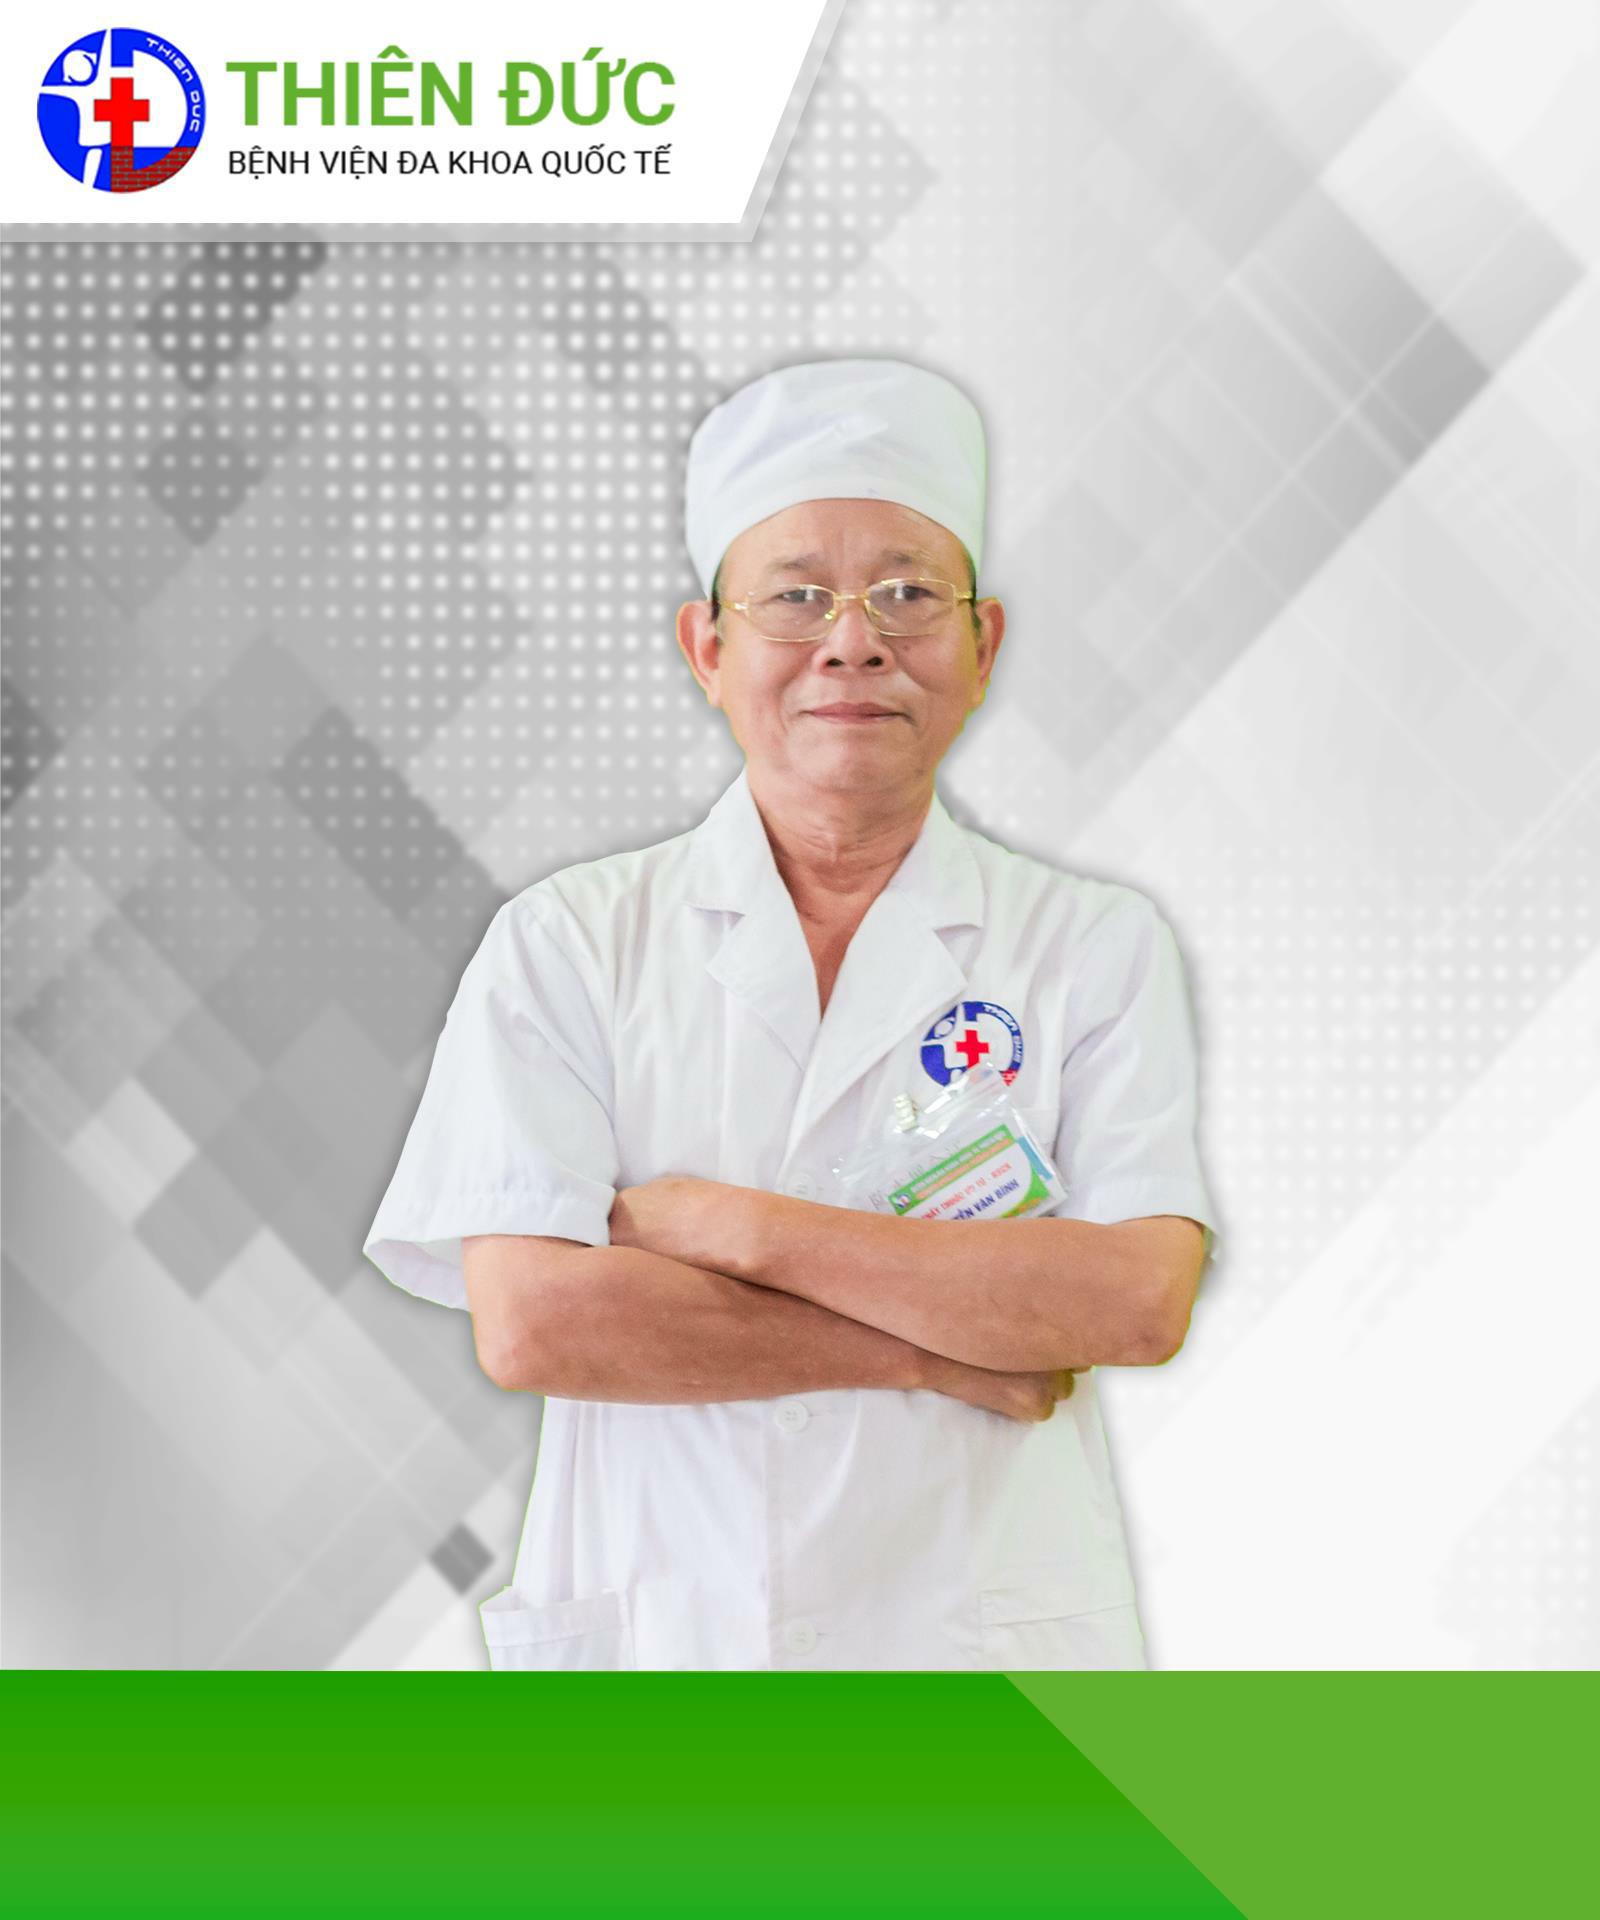 Bac Sĩ Nguyễn Văn Binh